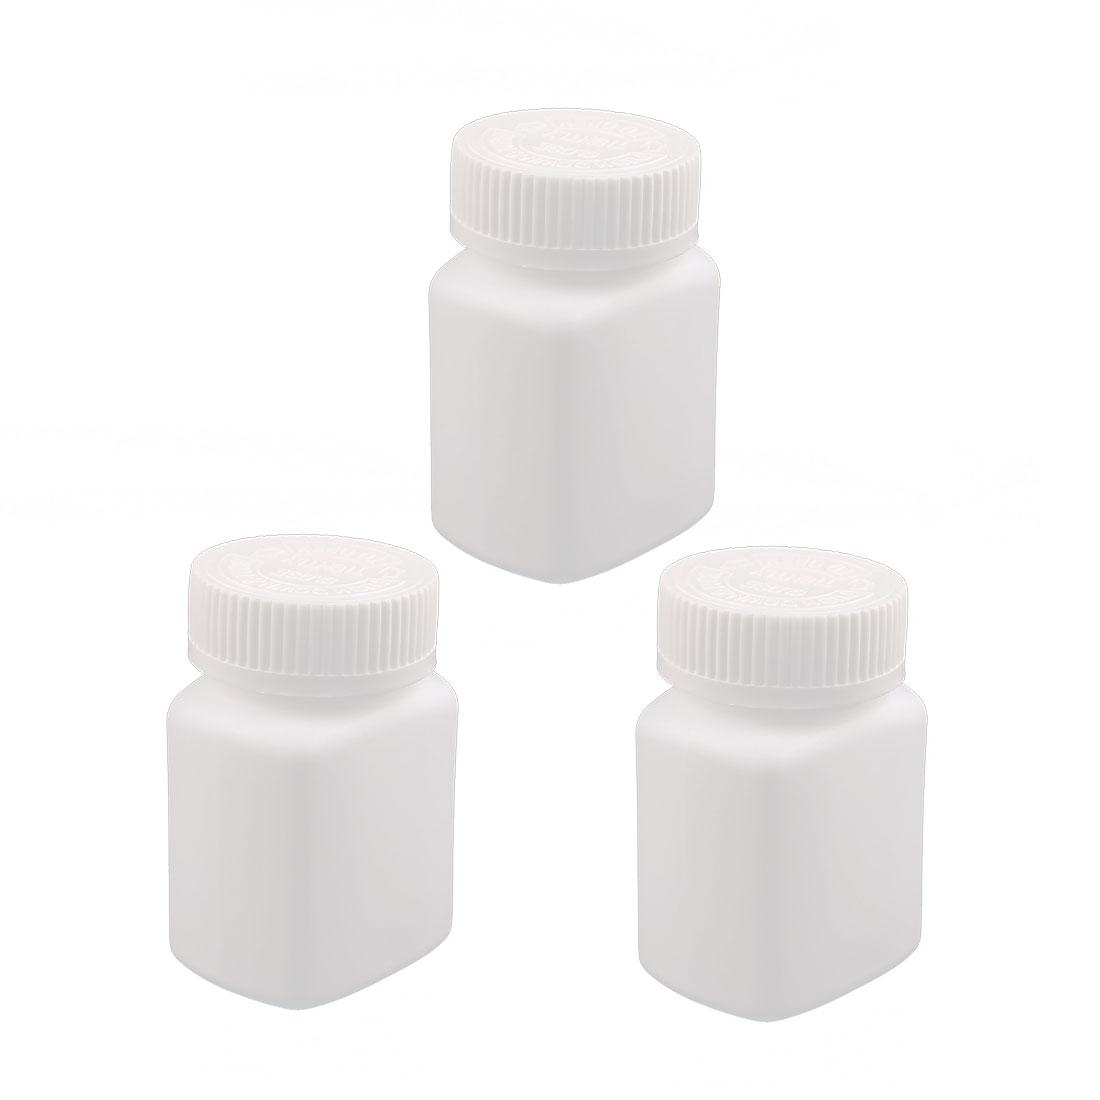 5Pcs 90ml Plastic Bottle Healthy Product Square Bottle White Lid